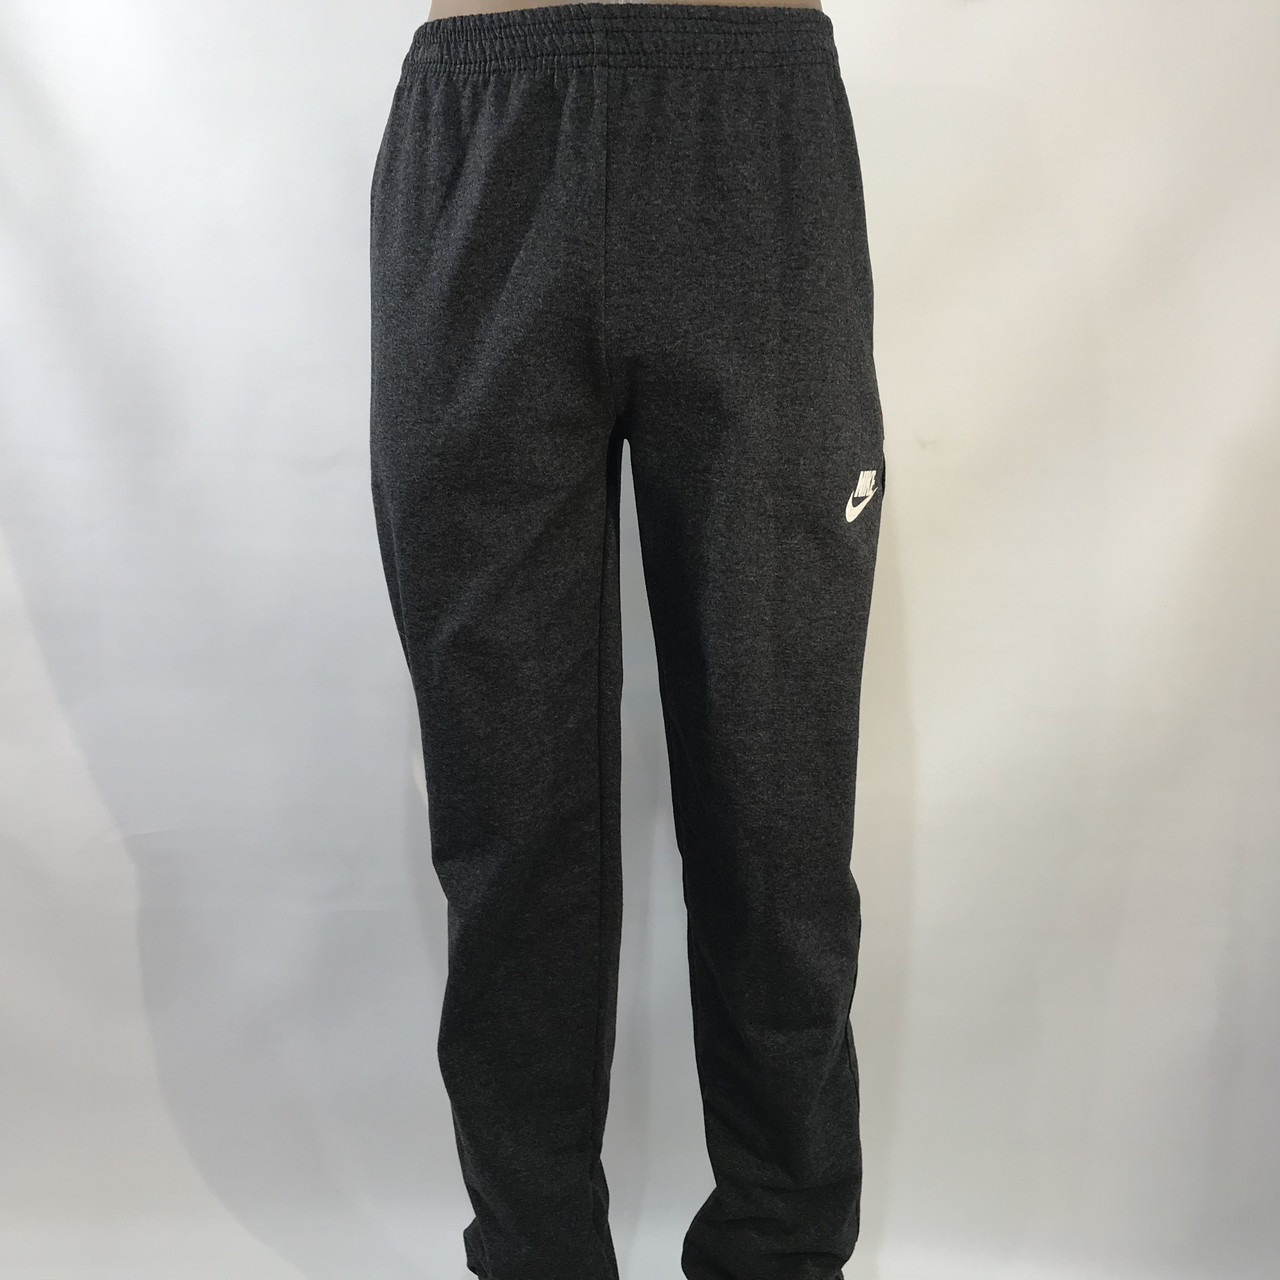 Спортивные штаны в стиле Nike под манжет (большие размеры) 56,58 серые